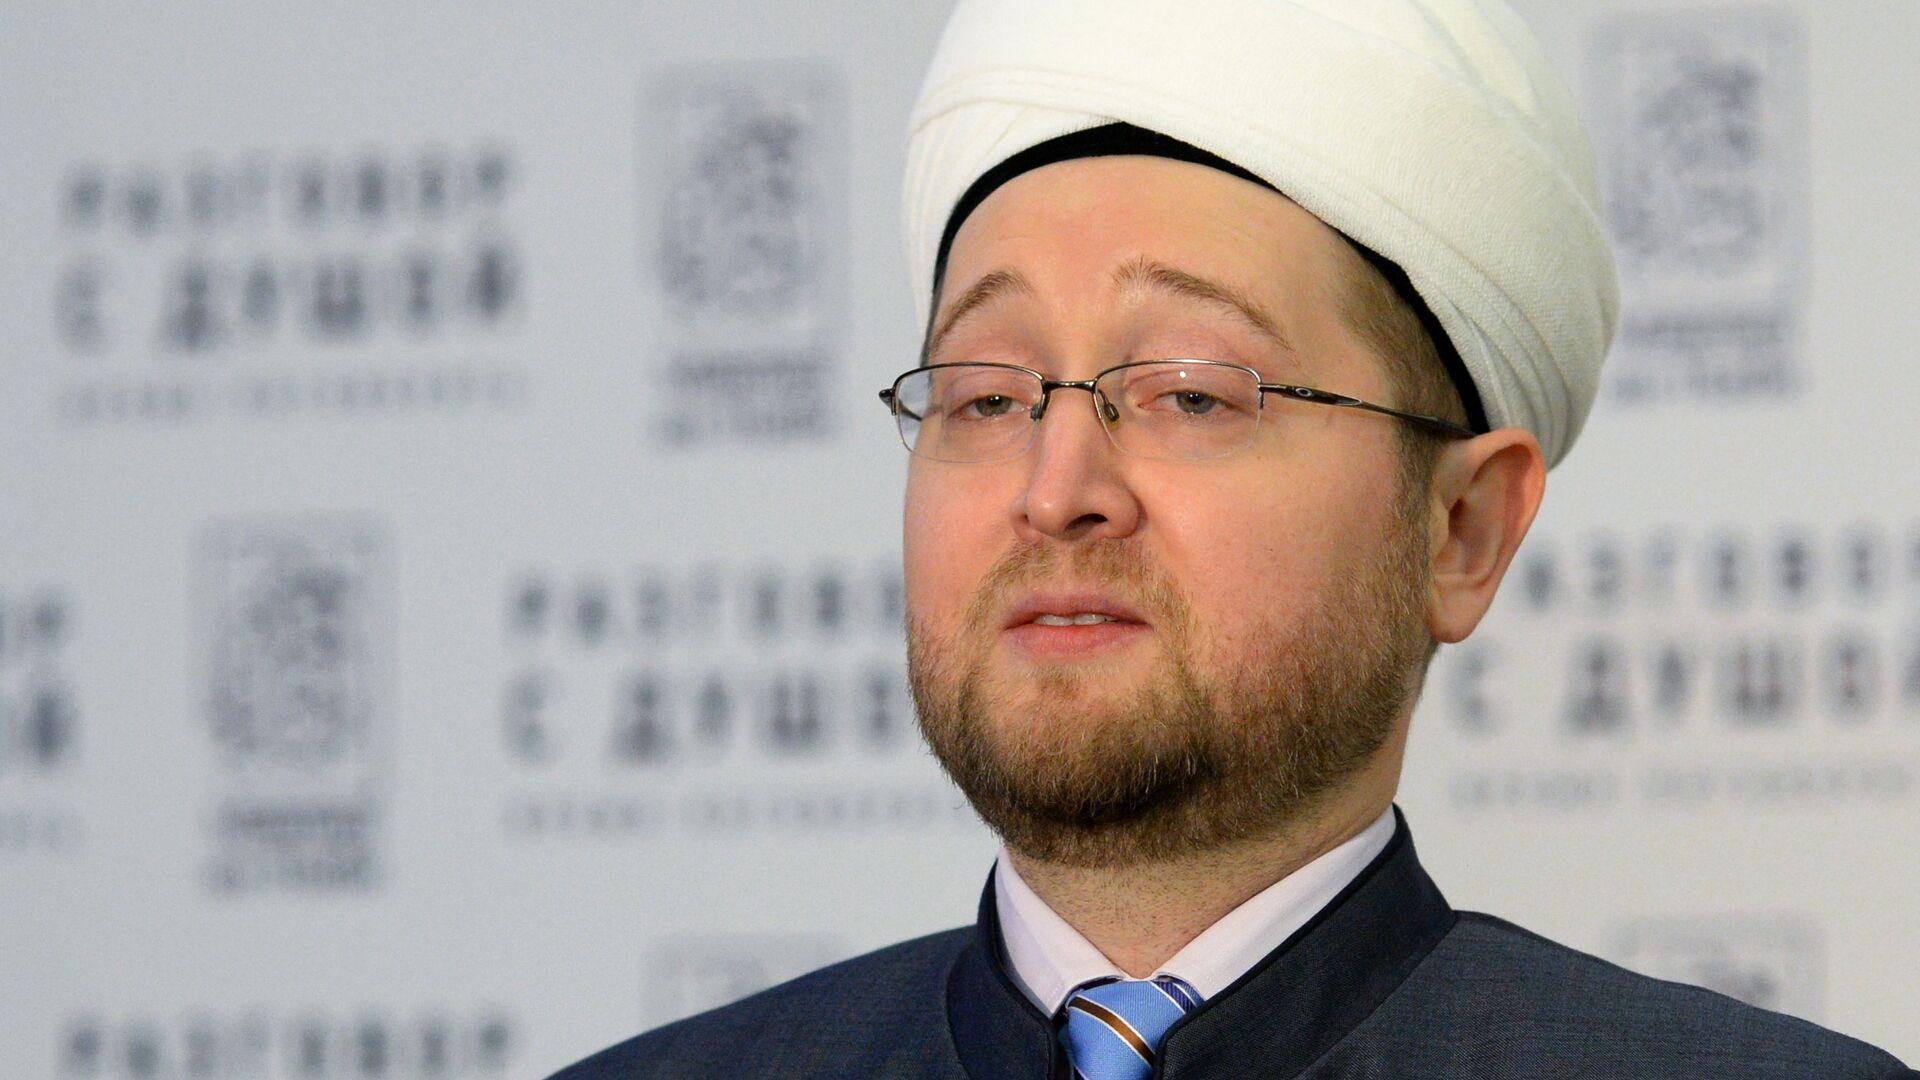 Суд вынес приговор жителю Югры, избившему врача за осмотр жены-мусульманки